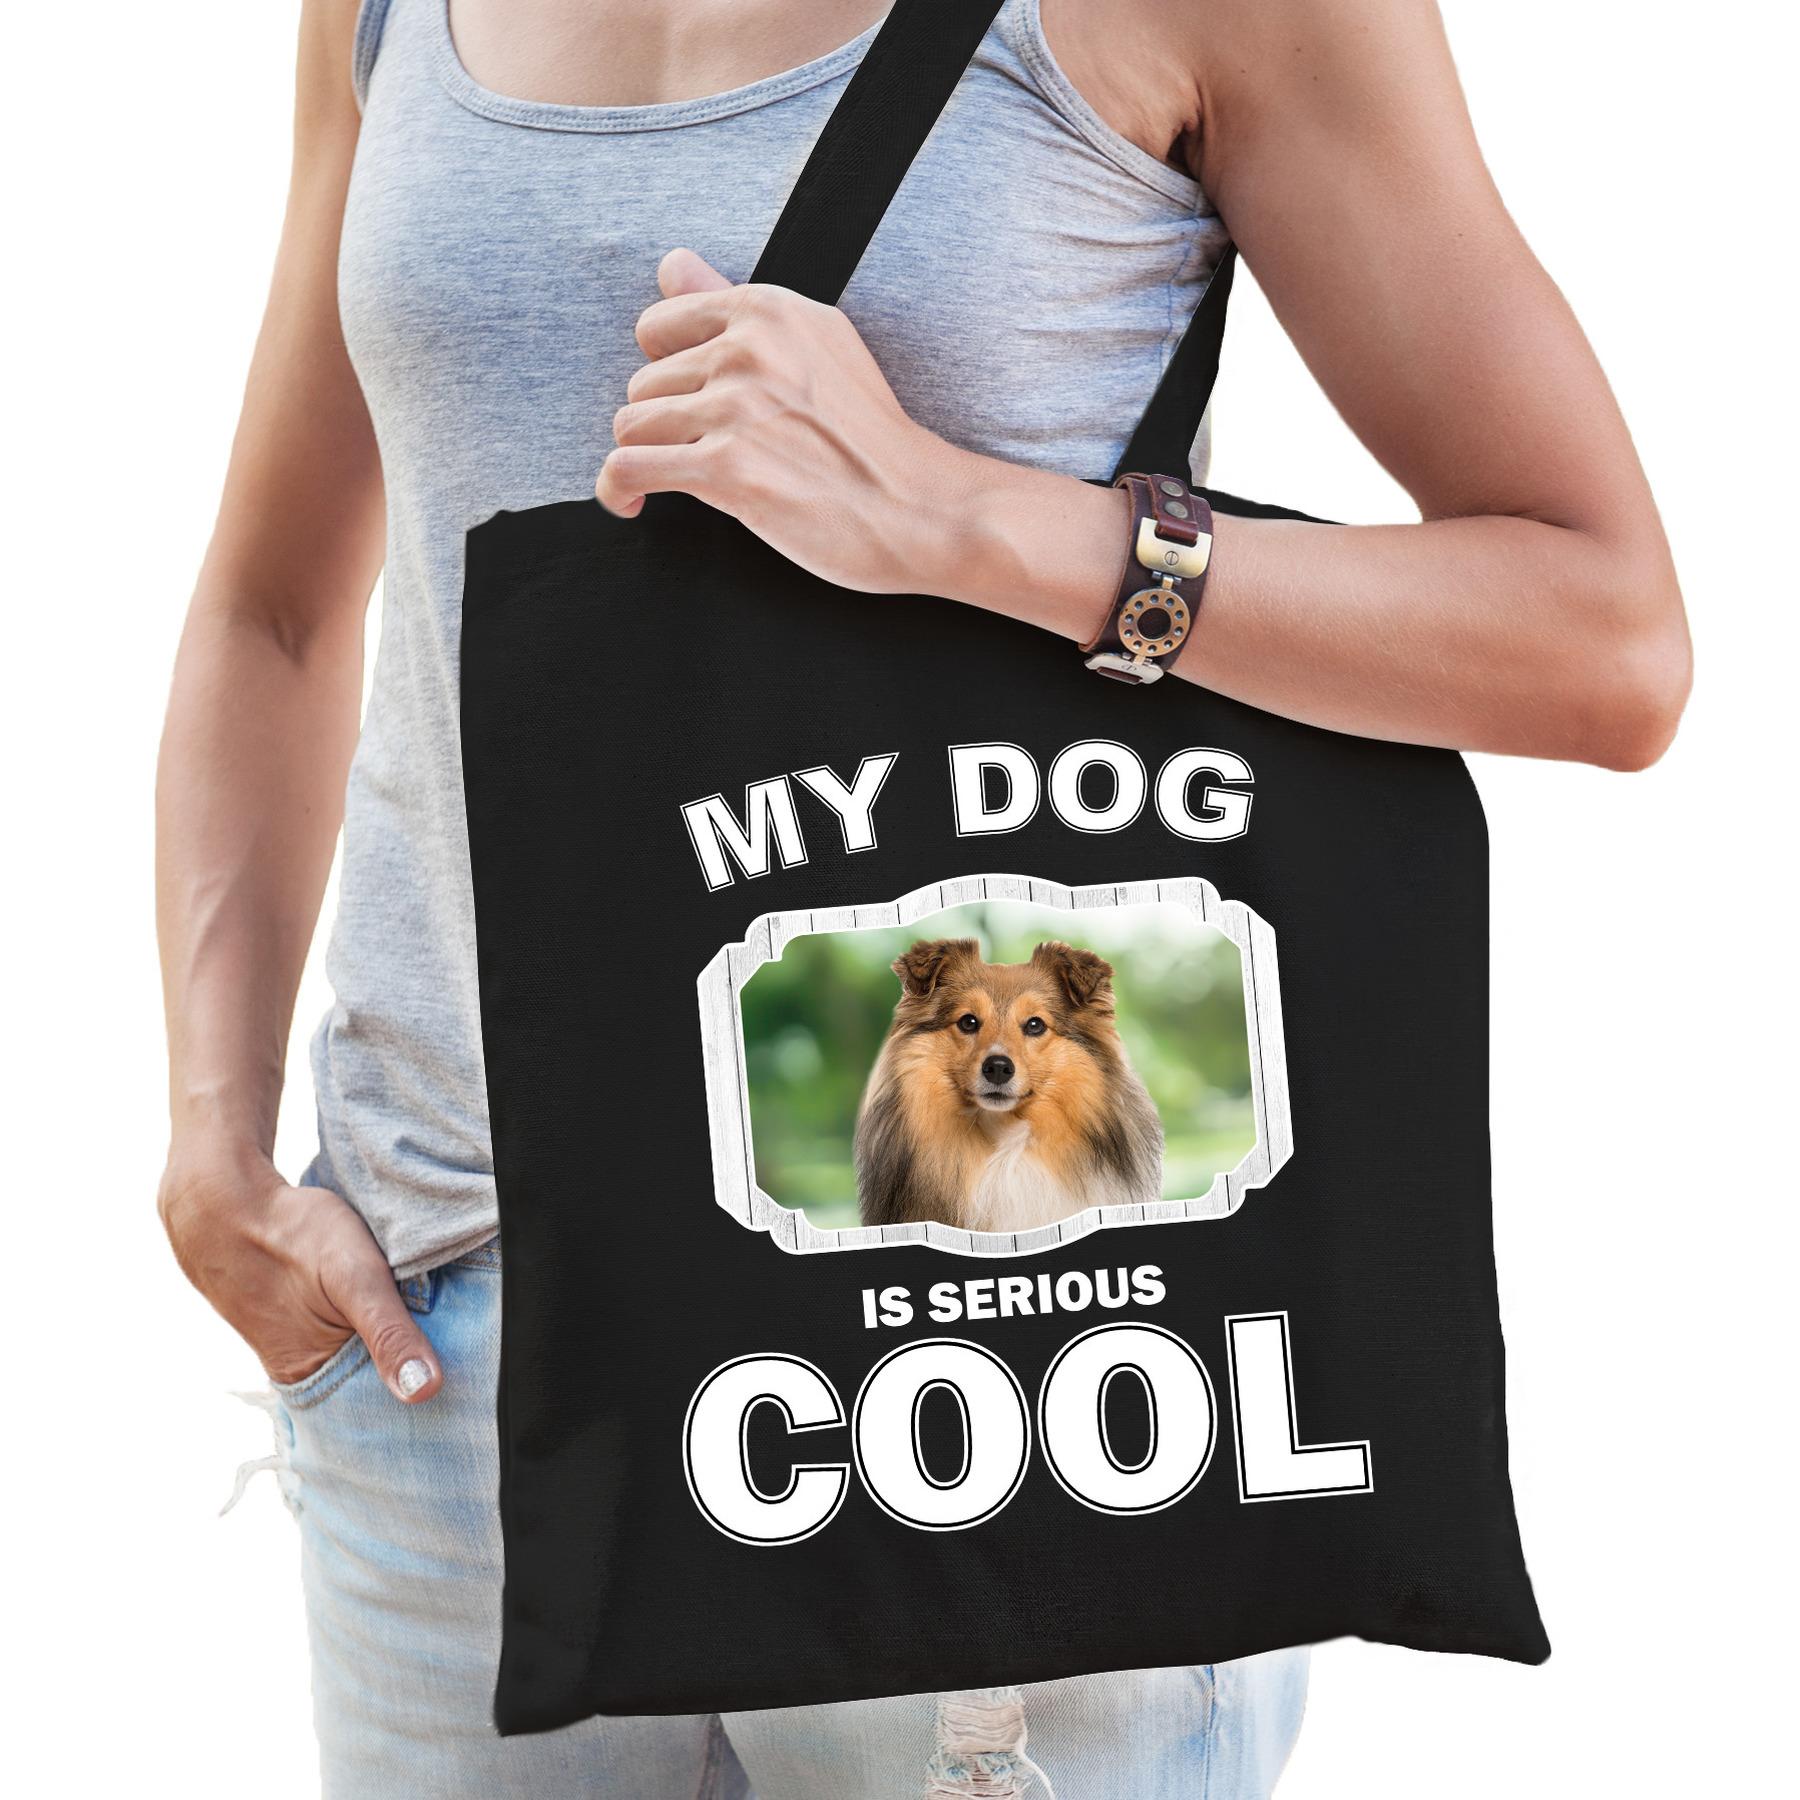 Katoenen tasje my dog is serious cool zwart - Sheltie honden cadeau tas